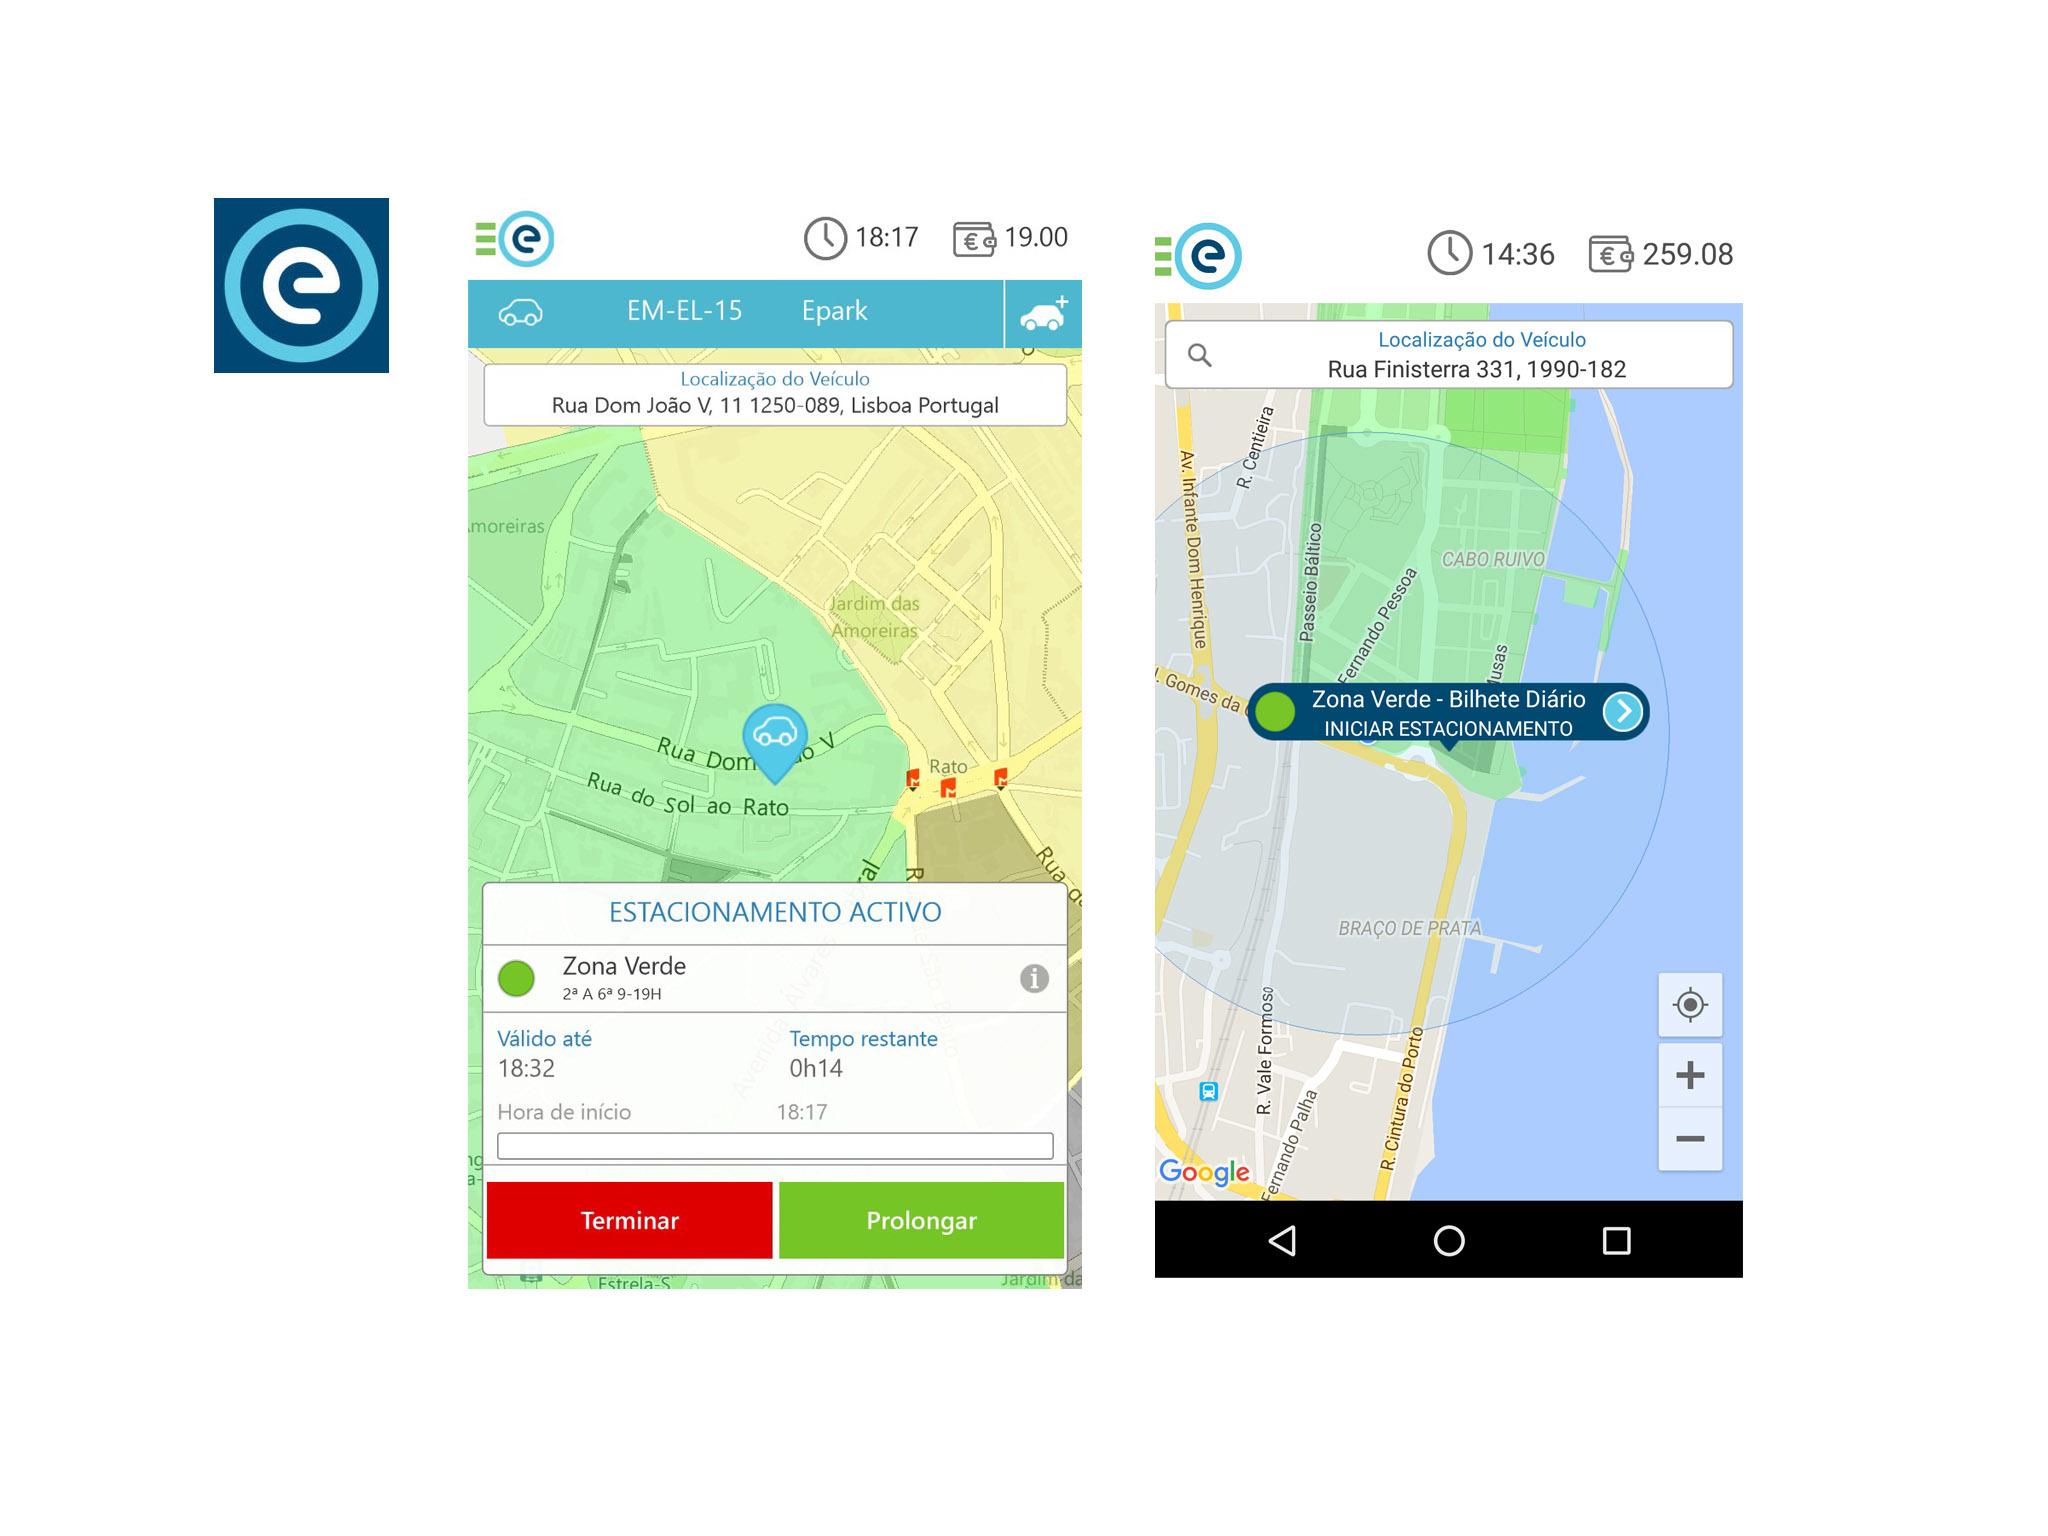 Aplicação Emel Park